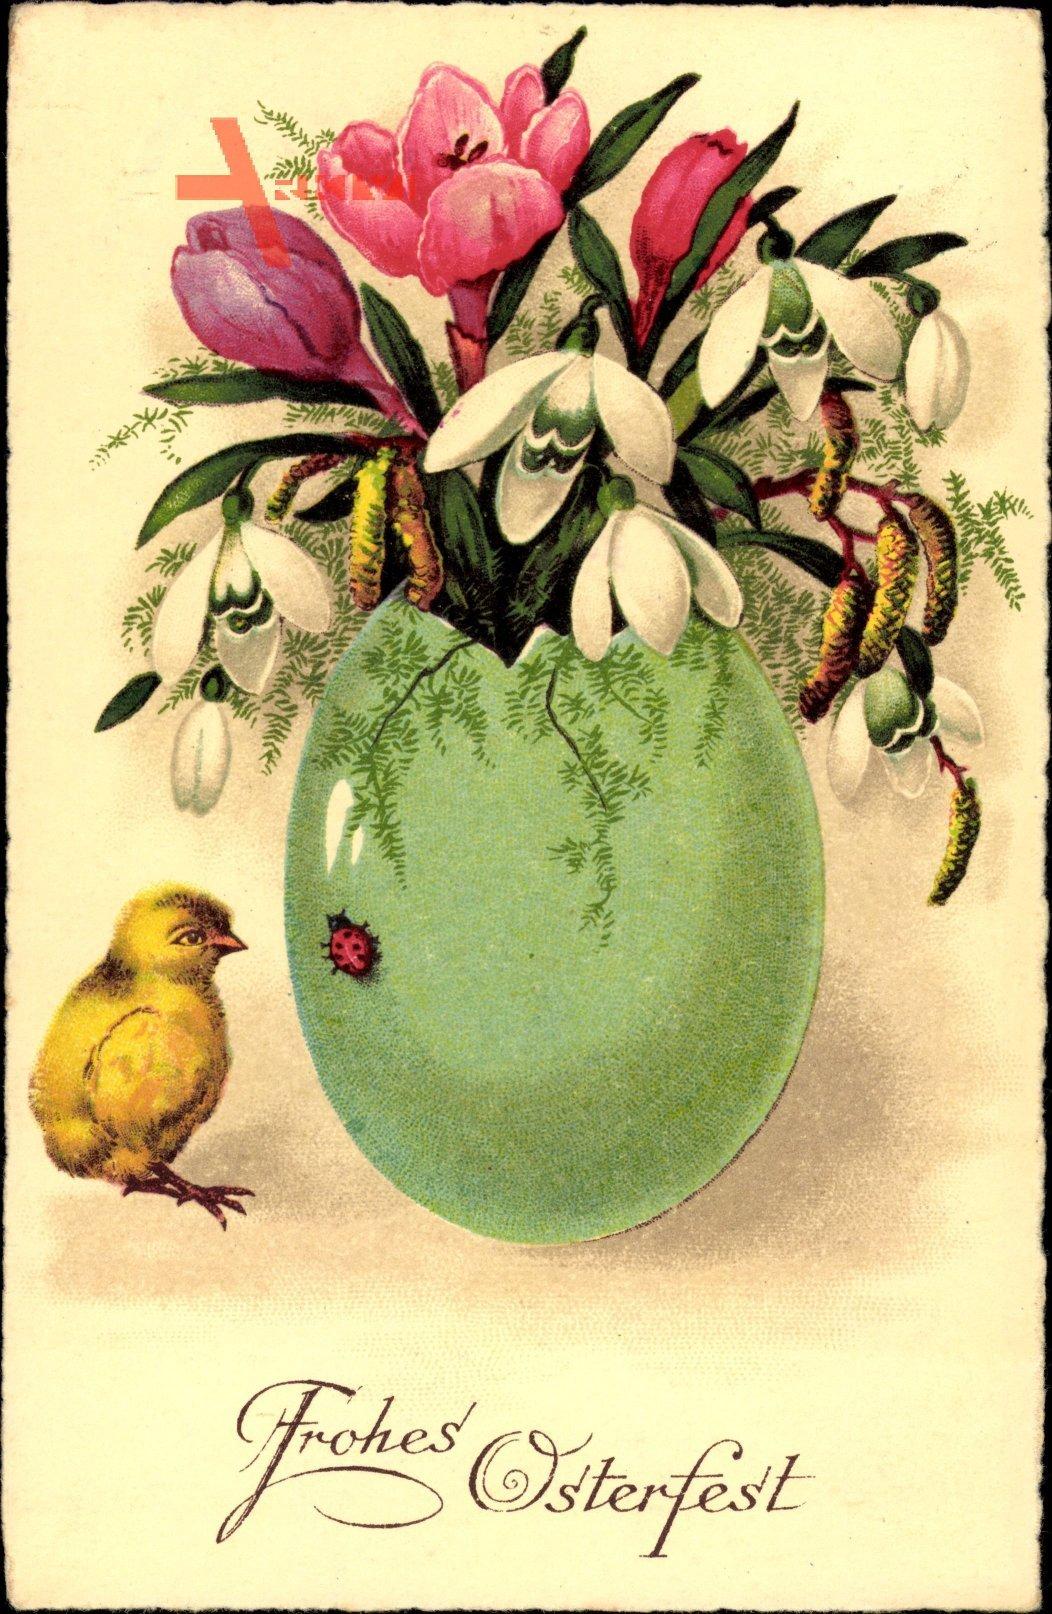 Glückwunsch Ostern, Osterei als Blumenvase, Kitsch